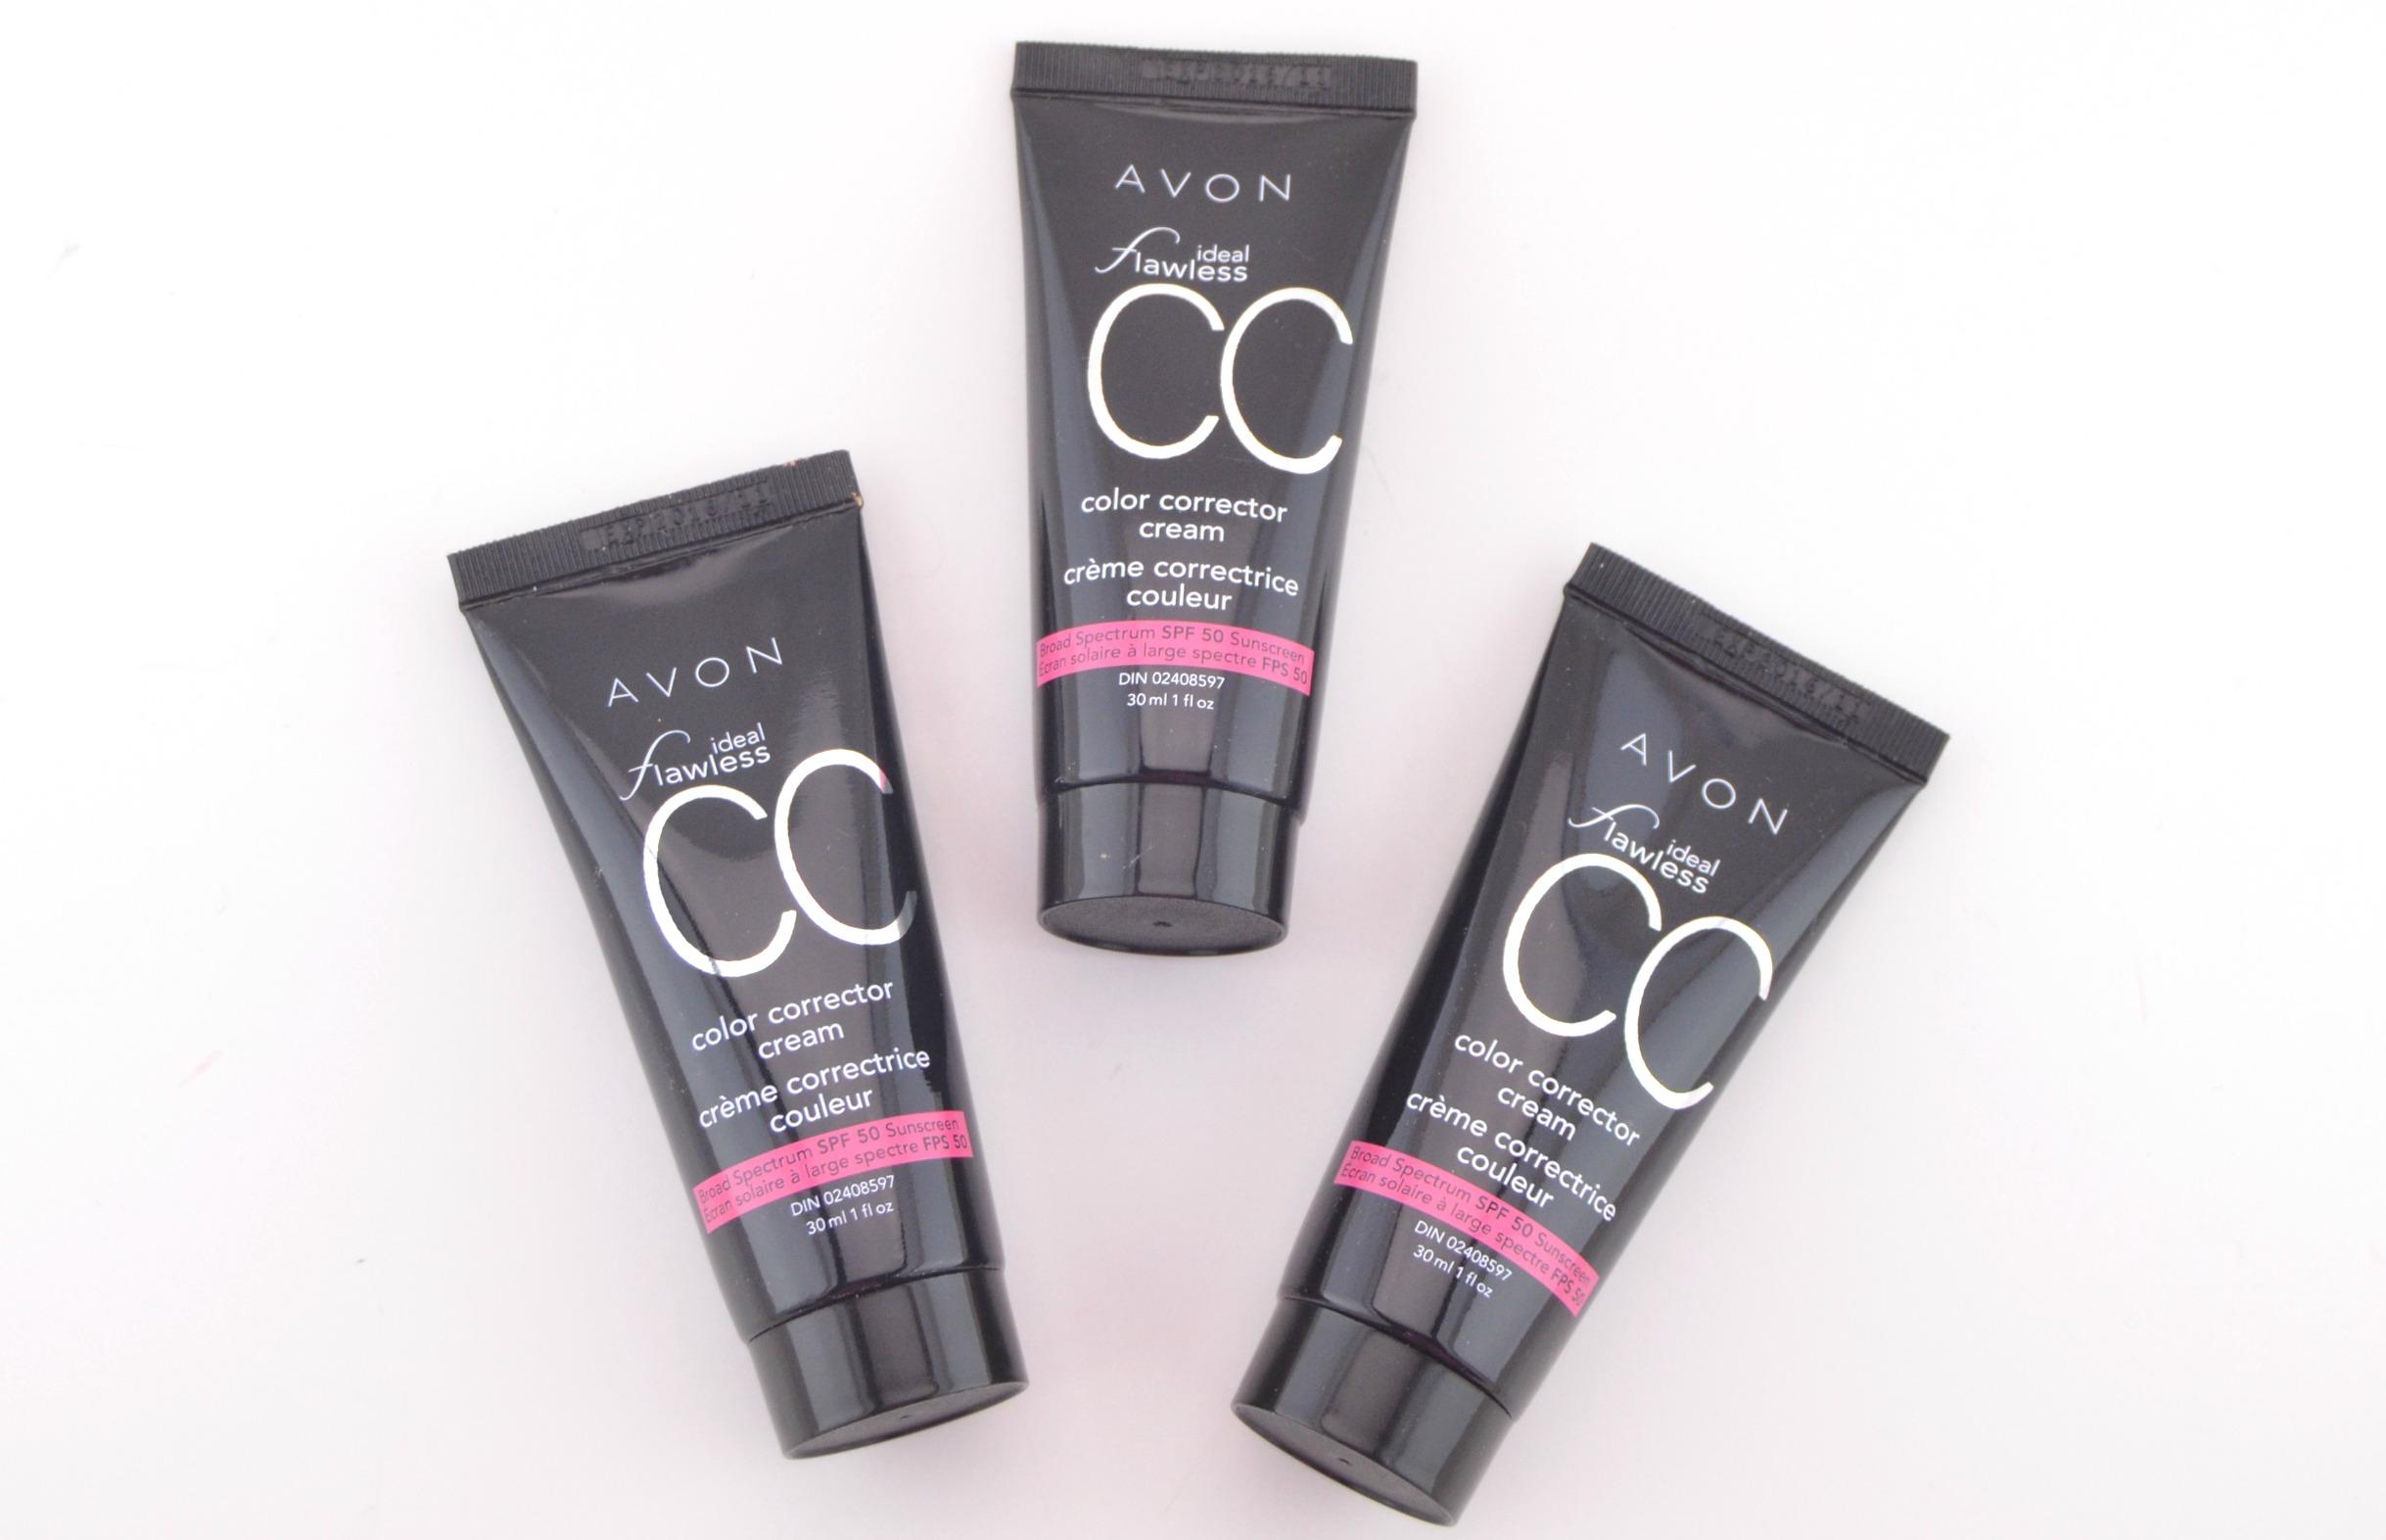 Avon Ideal Flawless CC Color Corrector Cream - Beauty